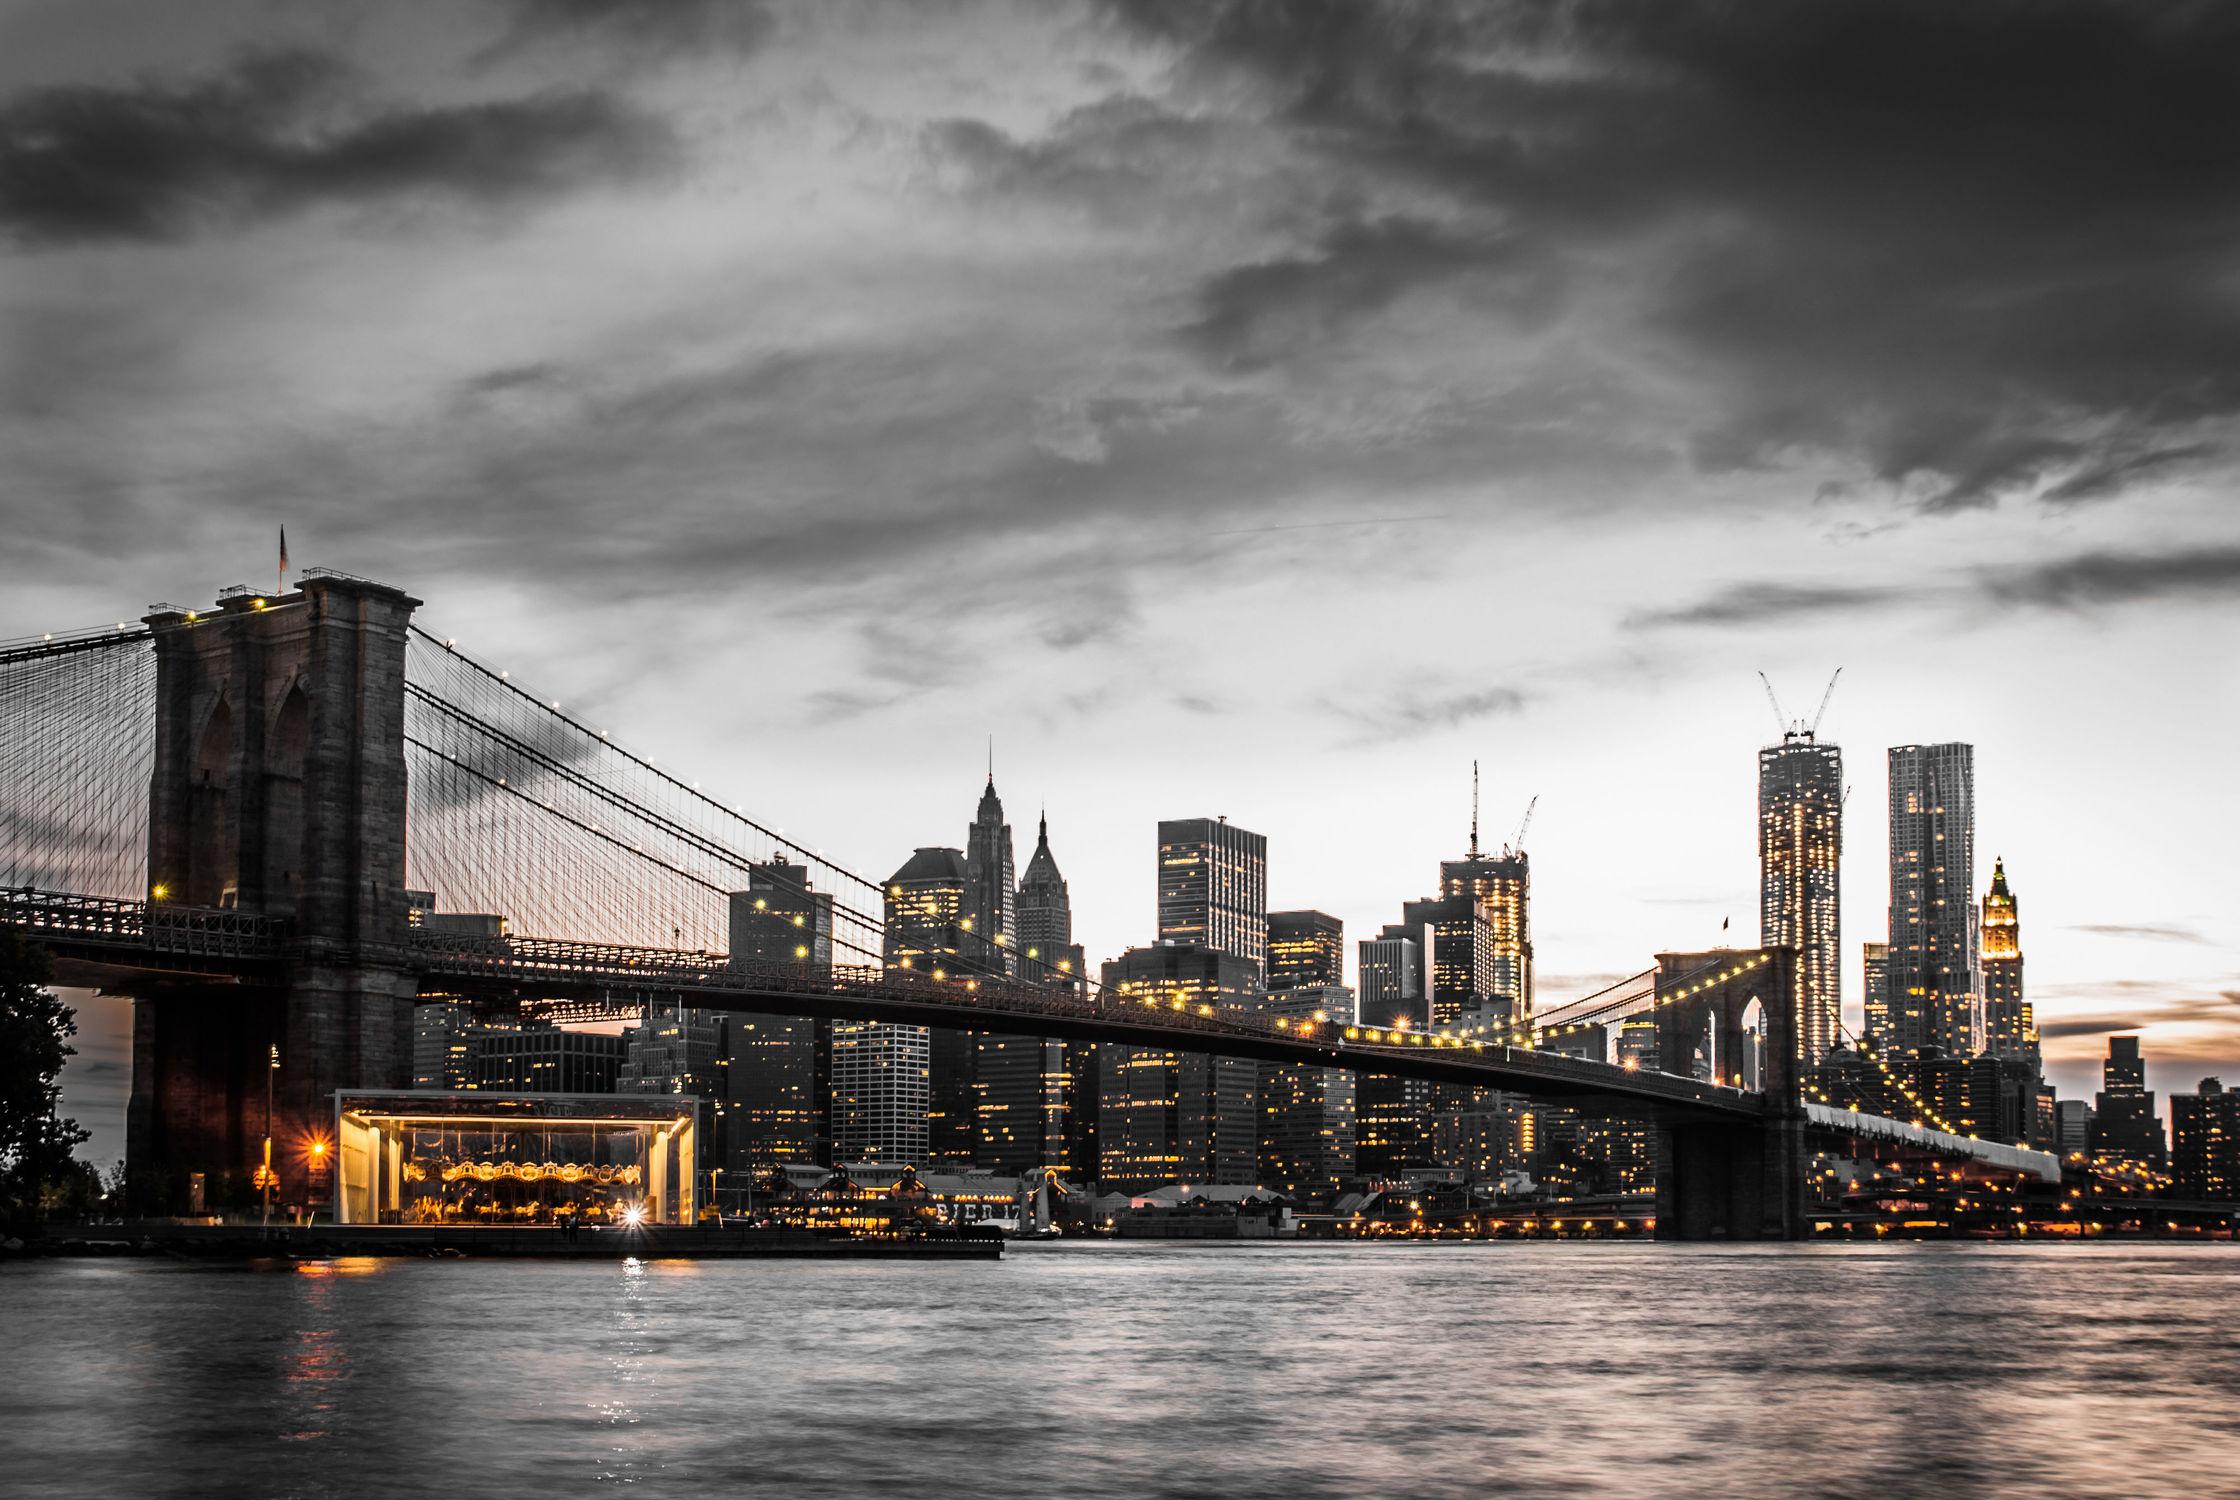 Bild mit Autos, Architektur, Straßen, Stadt, Brücke, urban, New York, New York, New York, monochrom, Staedte und Architektur, USA, schwarz weiß, hochhaus, wolkenkratzer, metropole, Straße, Hochhäuser, SW, Manhattan, Brooklyn Bridge, Brooklyn Bridge, Yellow cab, taxi, Taxis, New York City, NYC, Gelbe Taxis, yellow cabs, yellow cabs, bridge